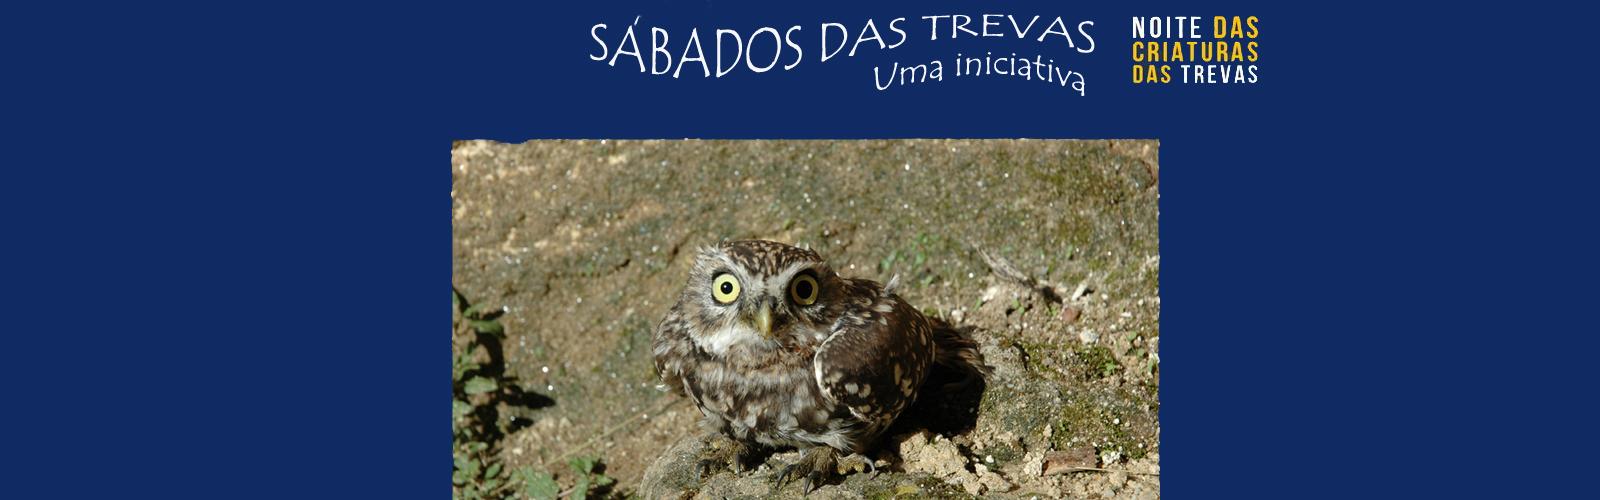 Sábados das Trevas, uma iniciativa da Noite das Criaturas das Trevas.